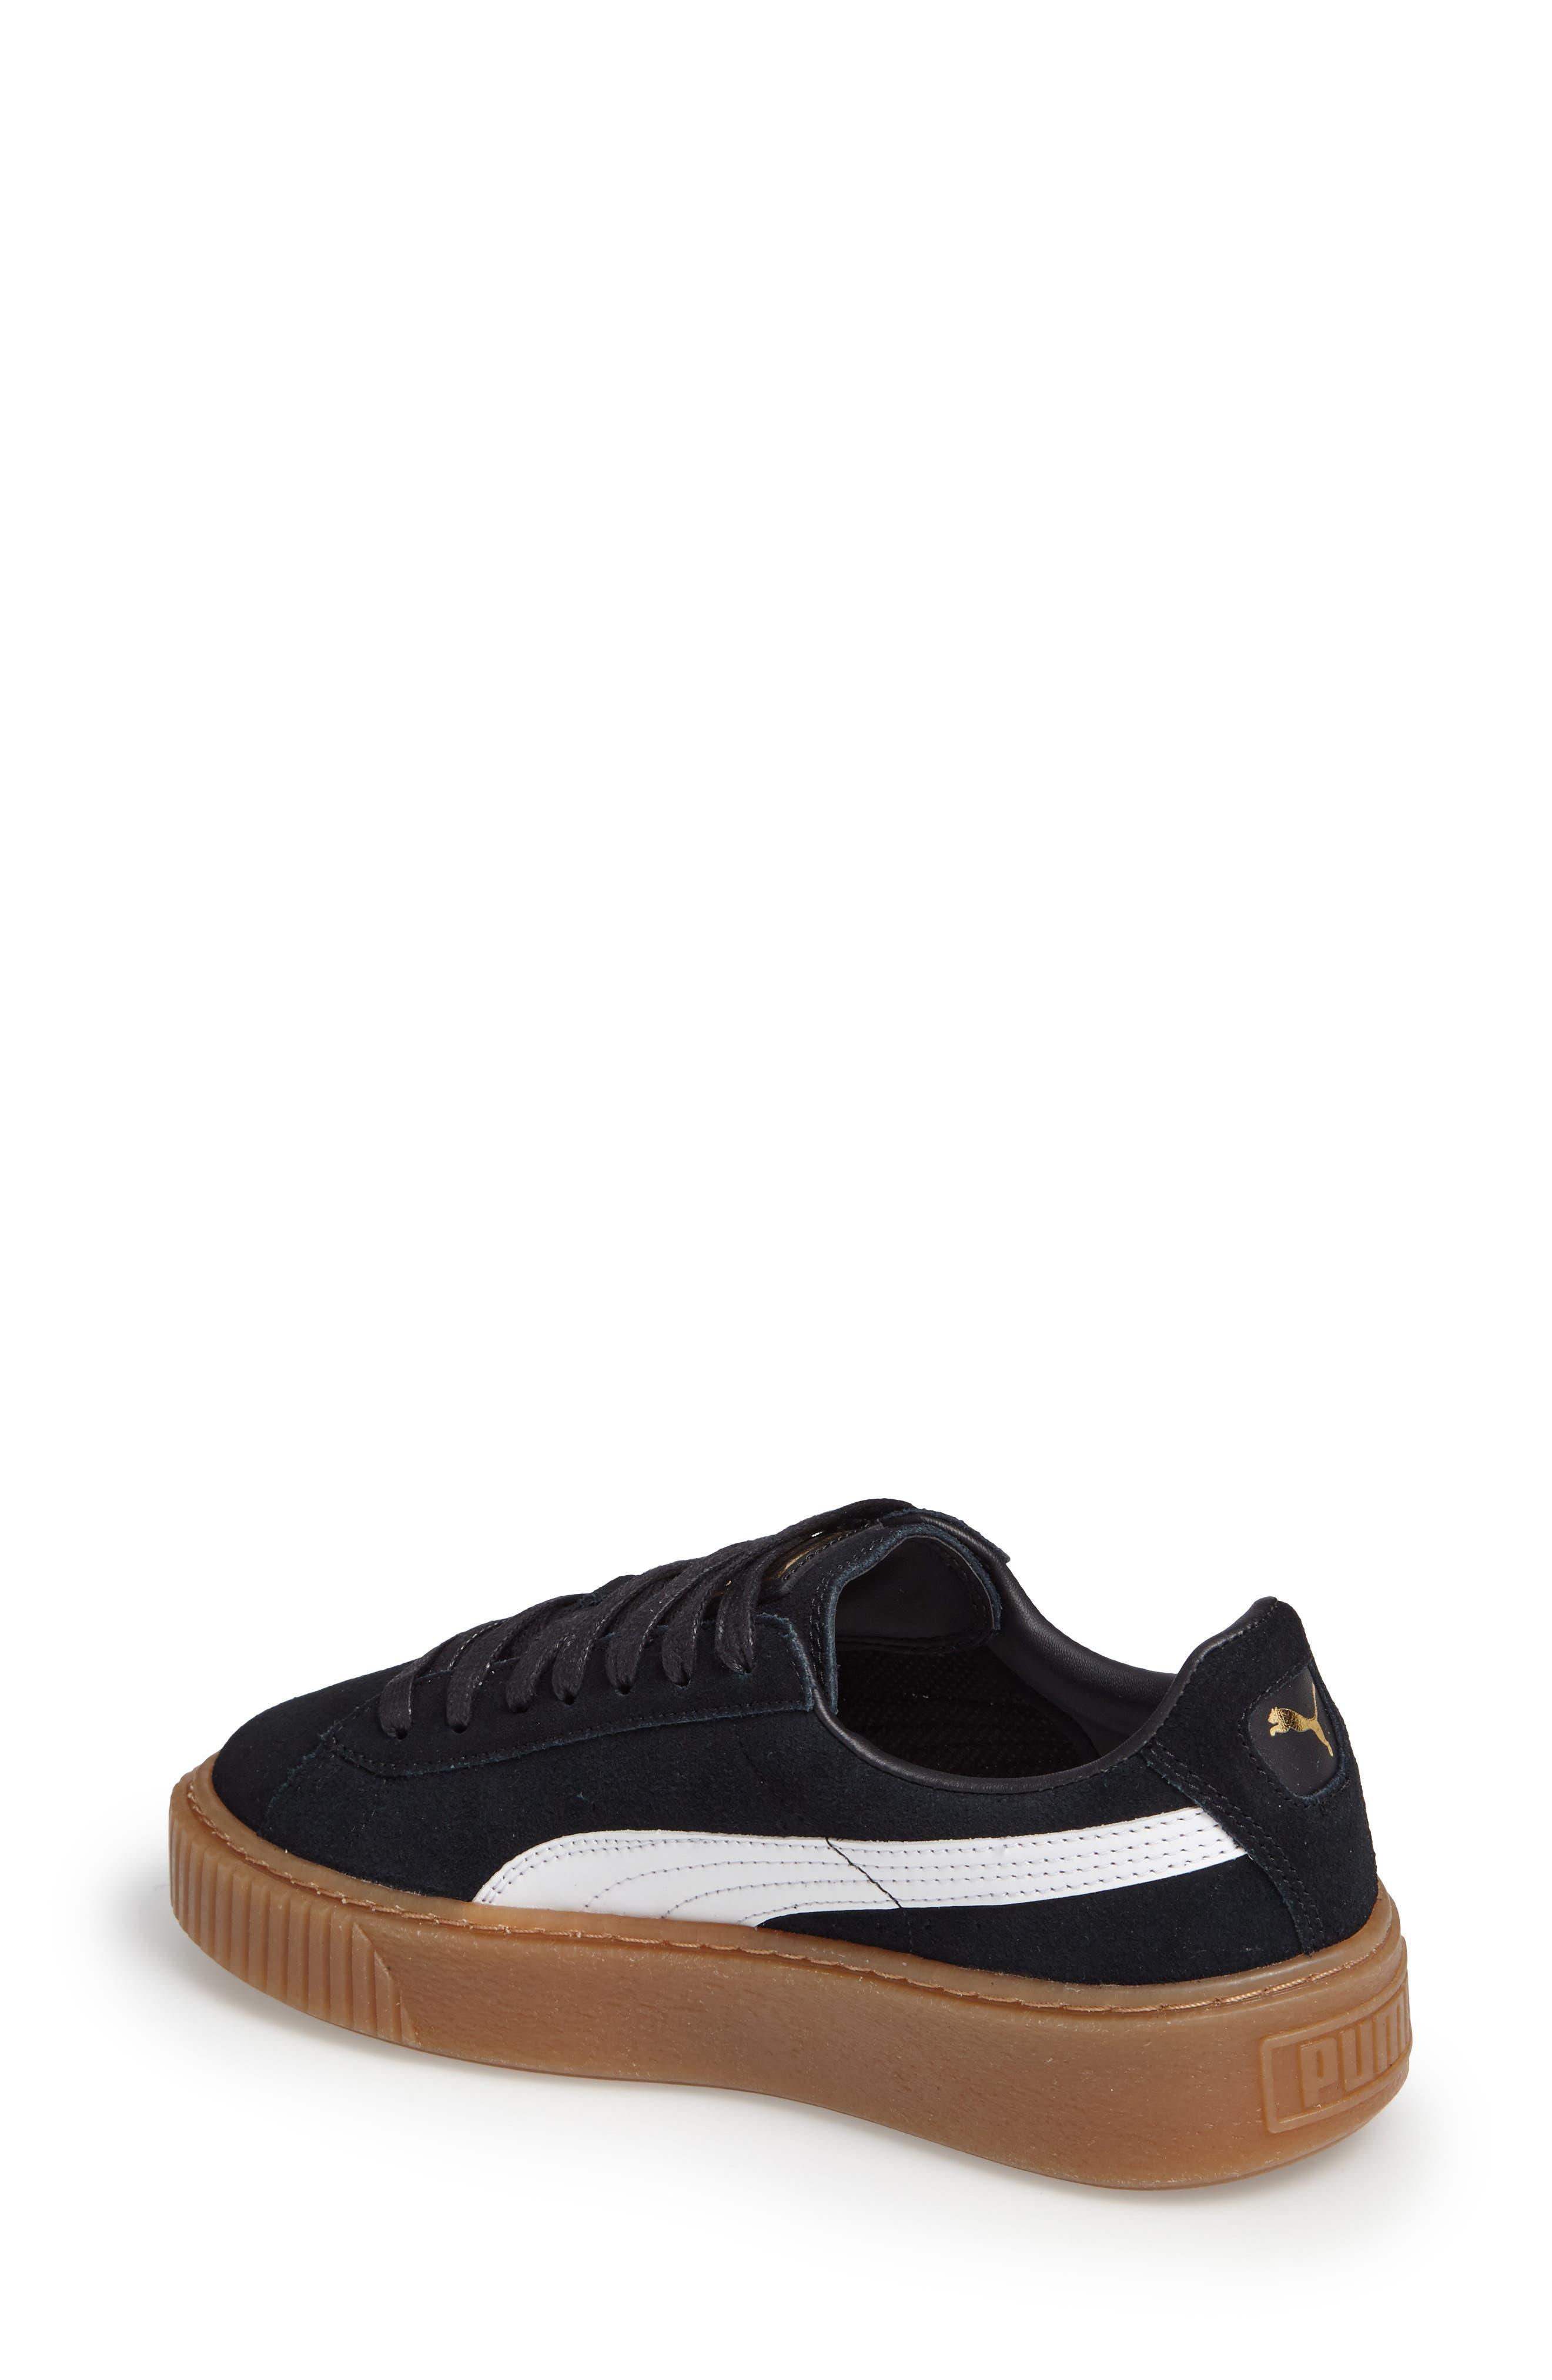 PUMA, Suede Platform Core Sneaker, Alternate thumbnail 2, color, 001